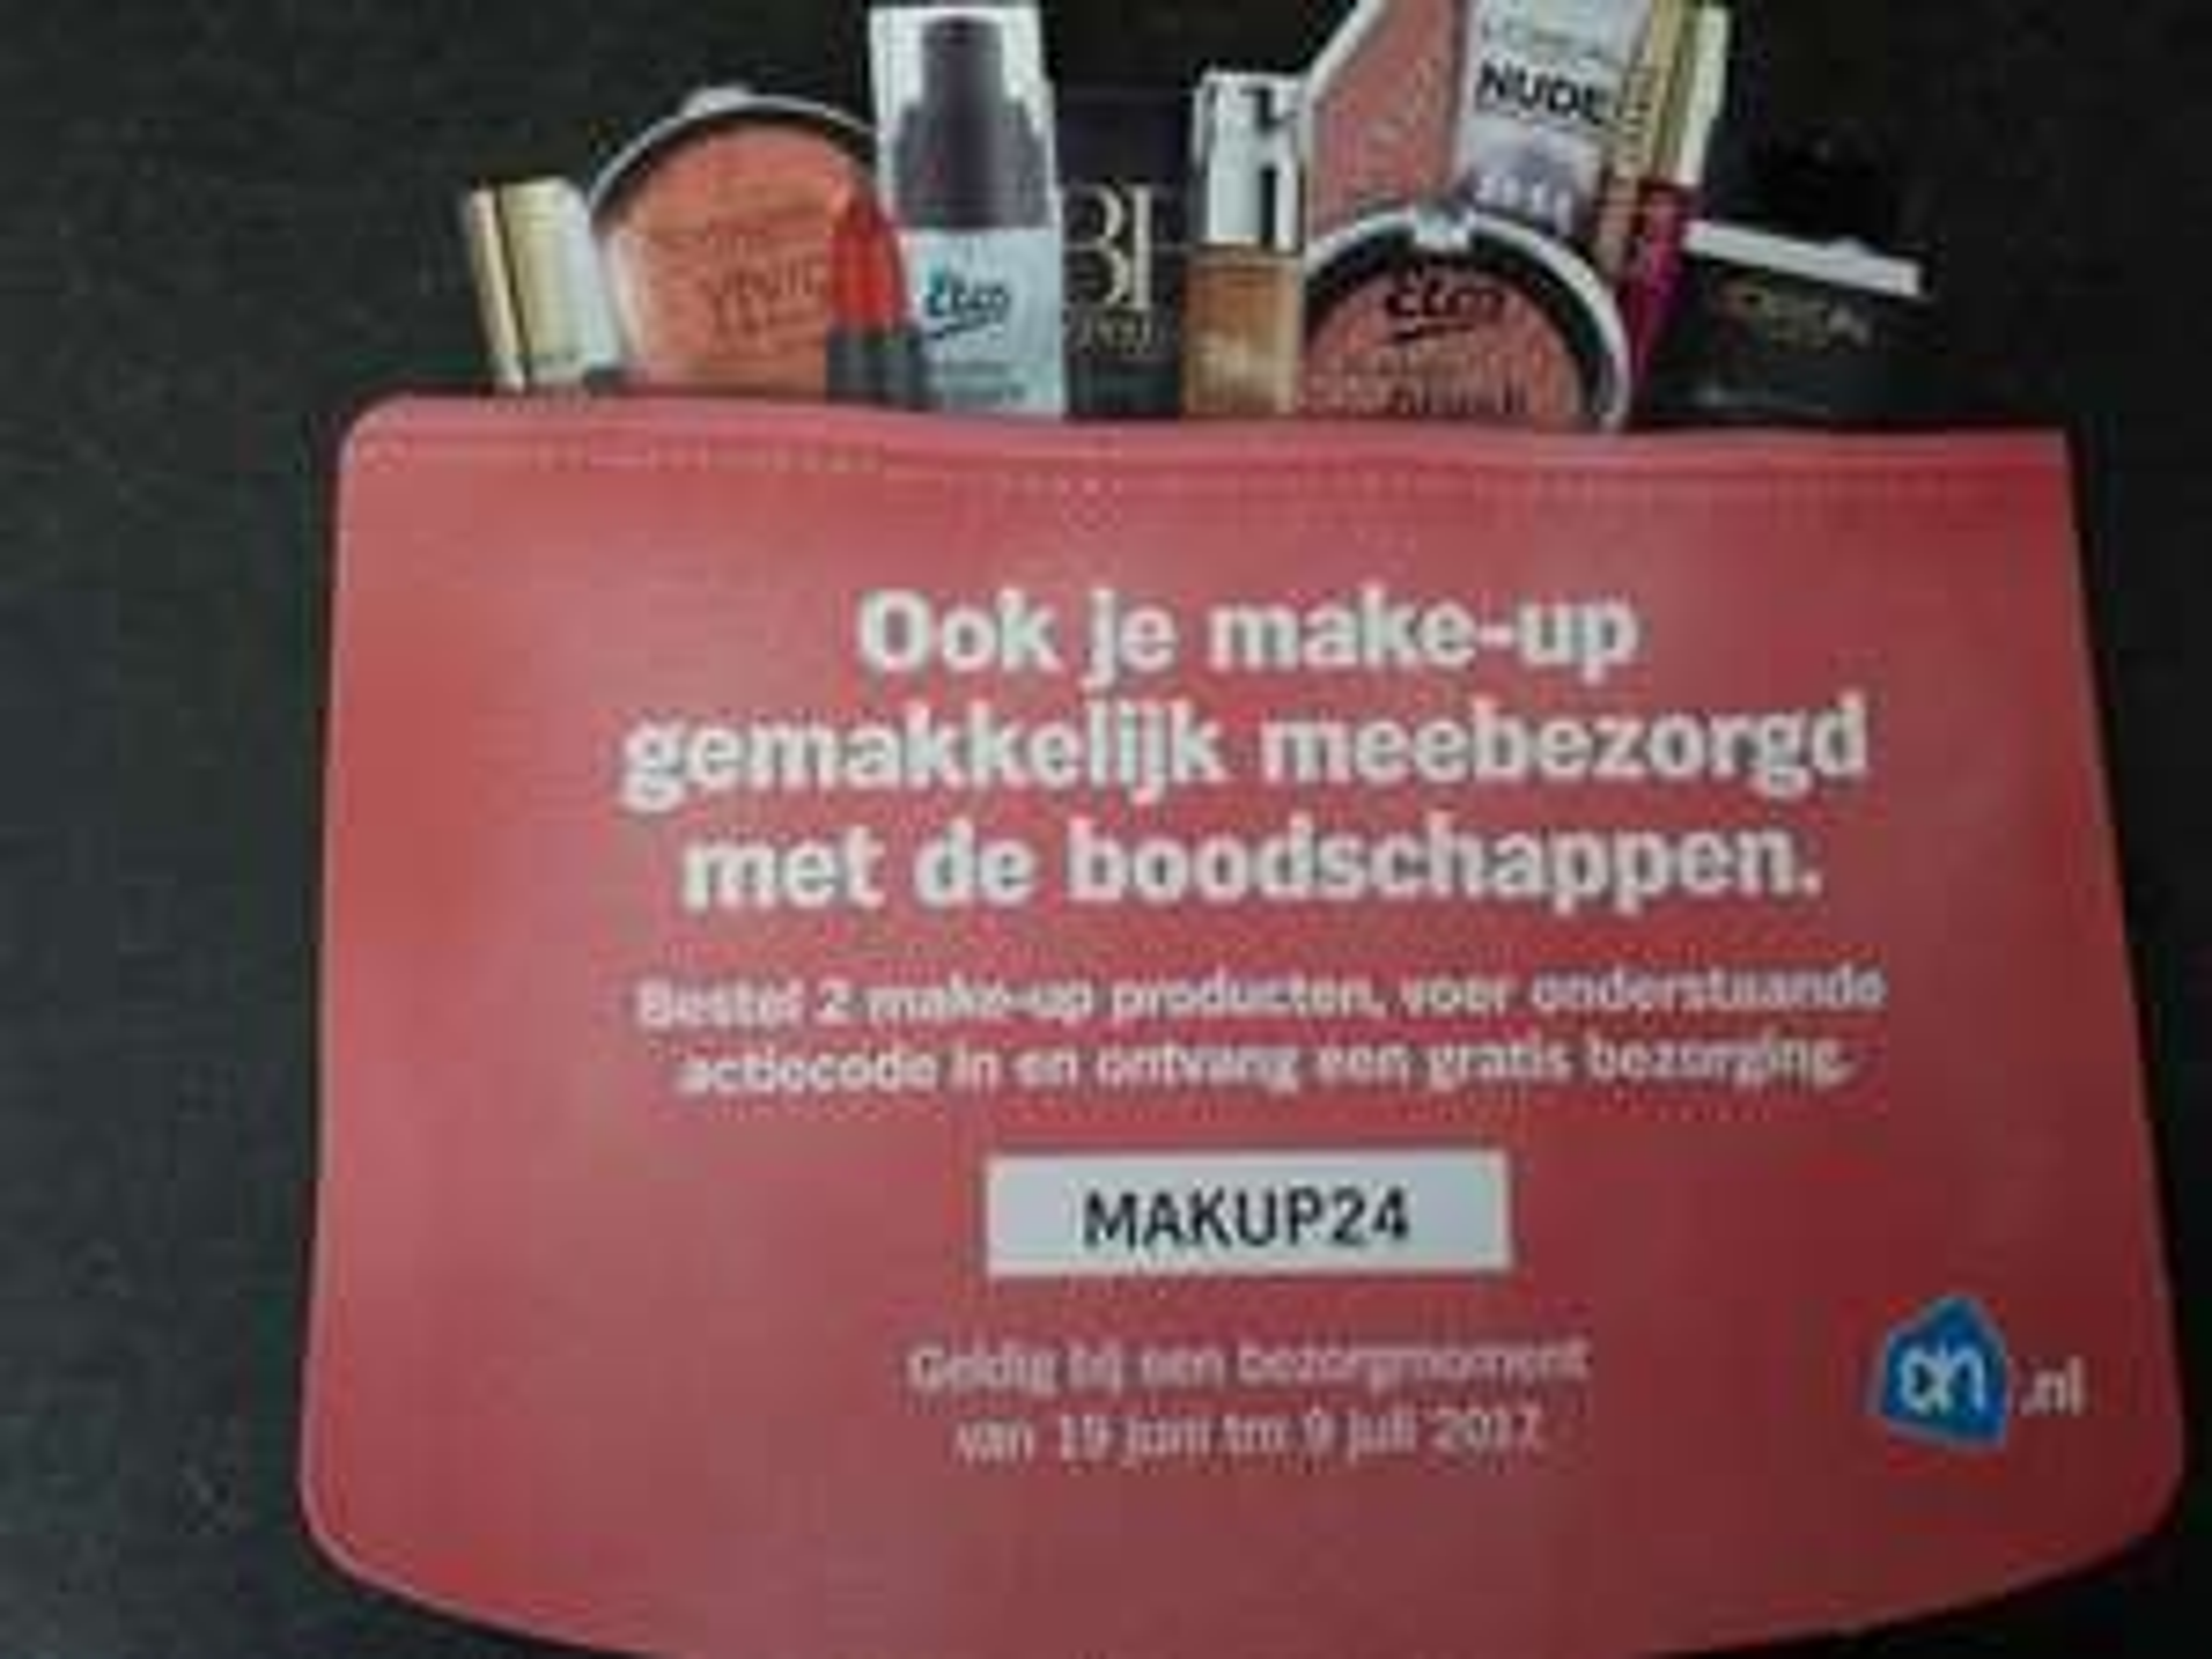 Gratis bezorging vanaf 19 juni @AH bij aankoop van 2stuks make-up producten